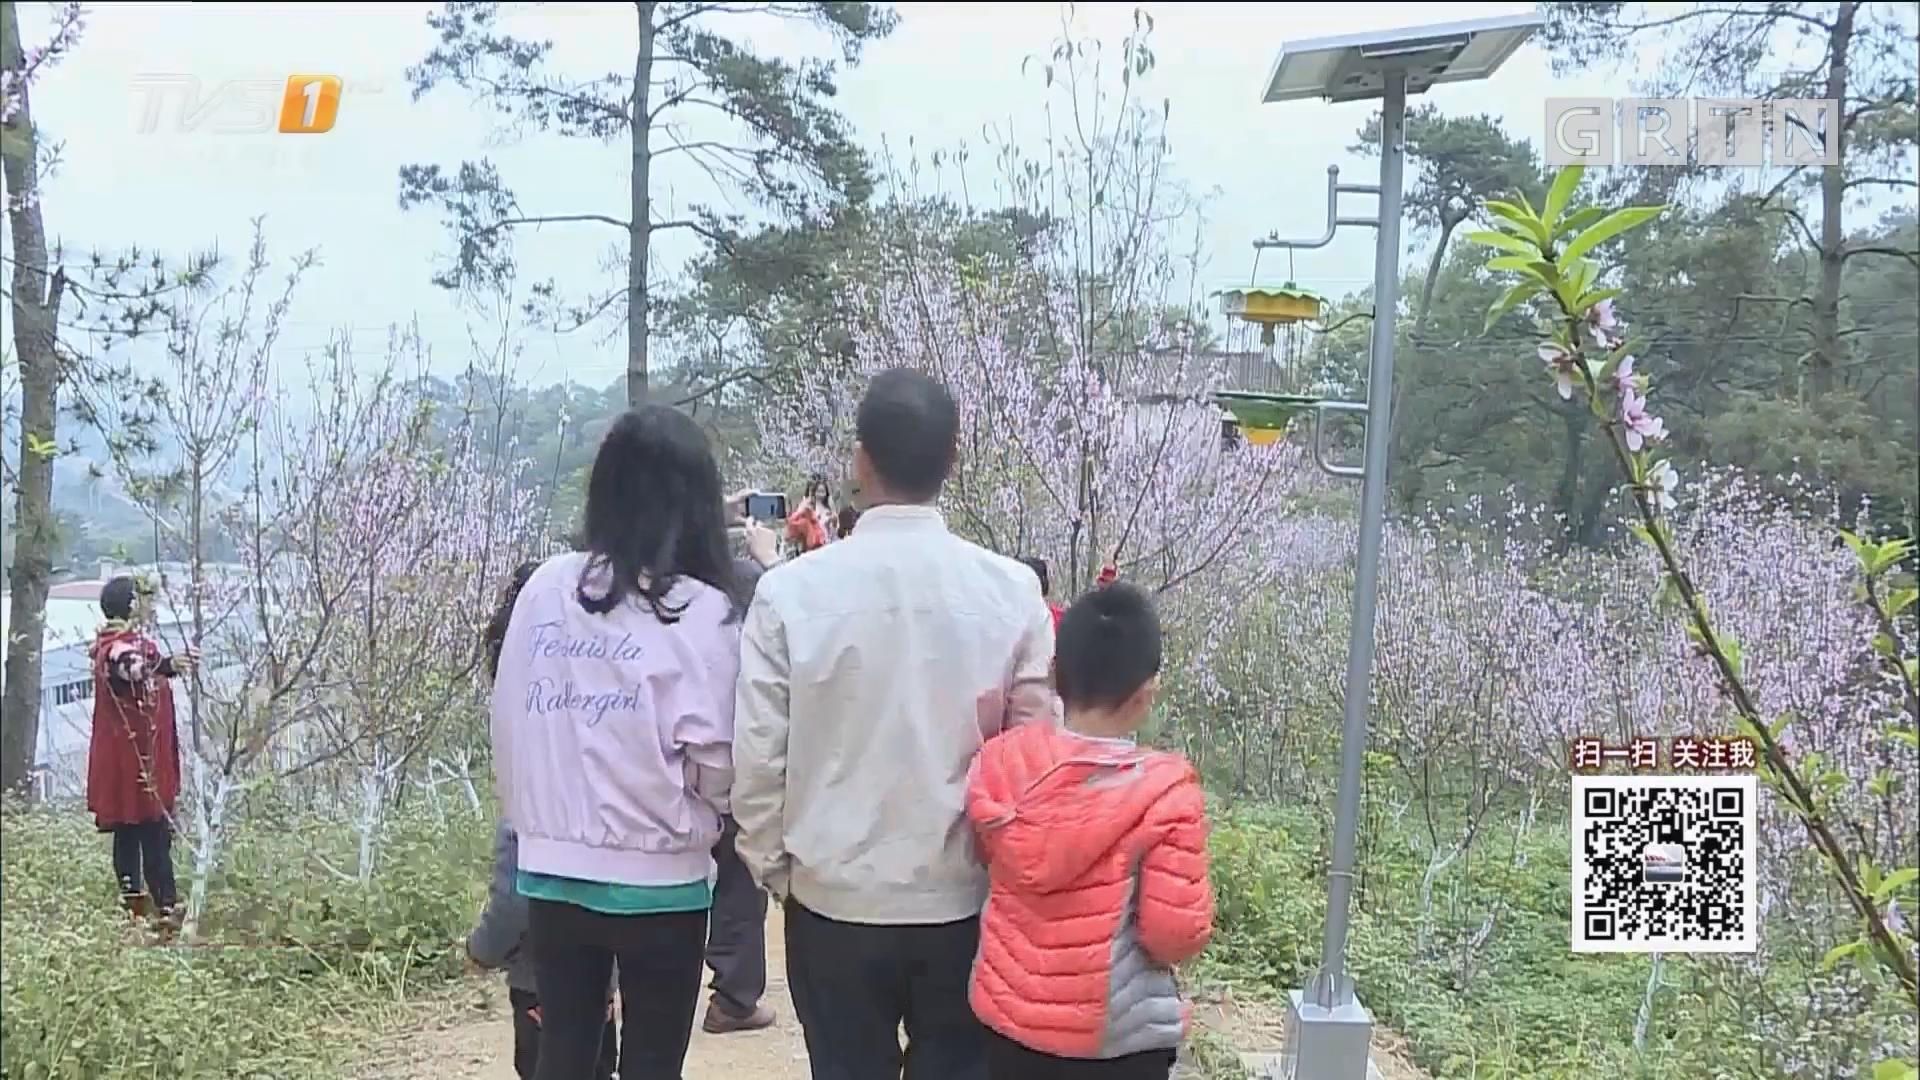 肇庆:桃花绽放油菜花开 引游客采撷春光